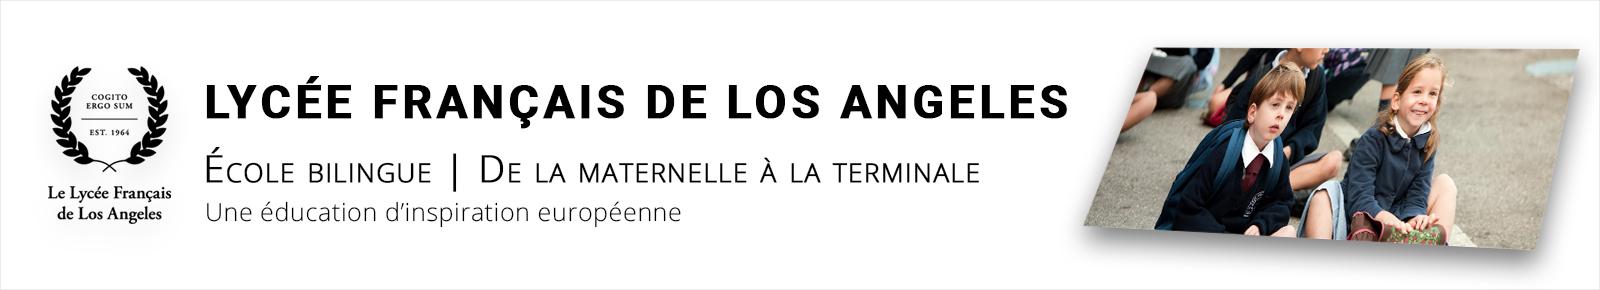 Le Lycée Français de Los Angeles